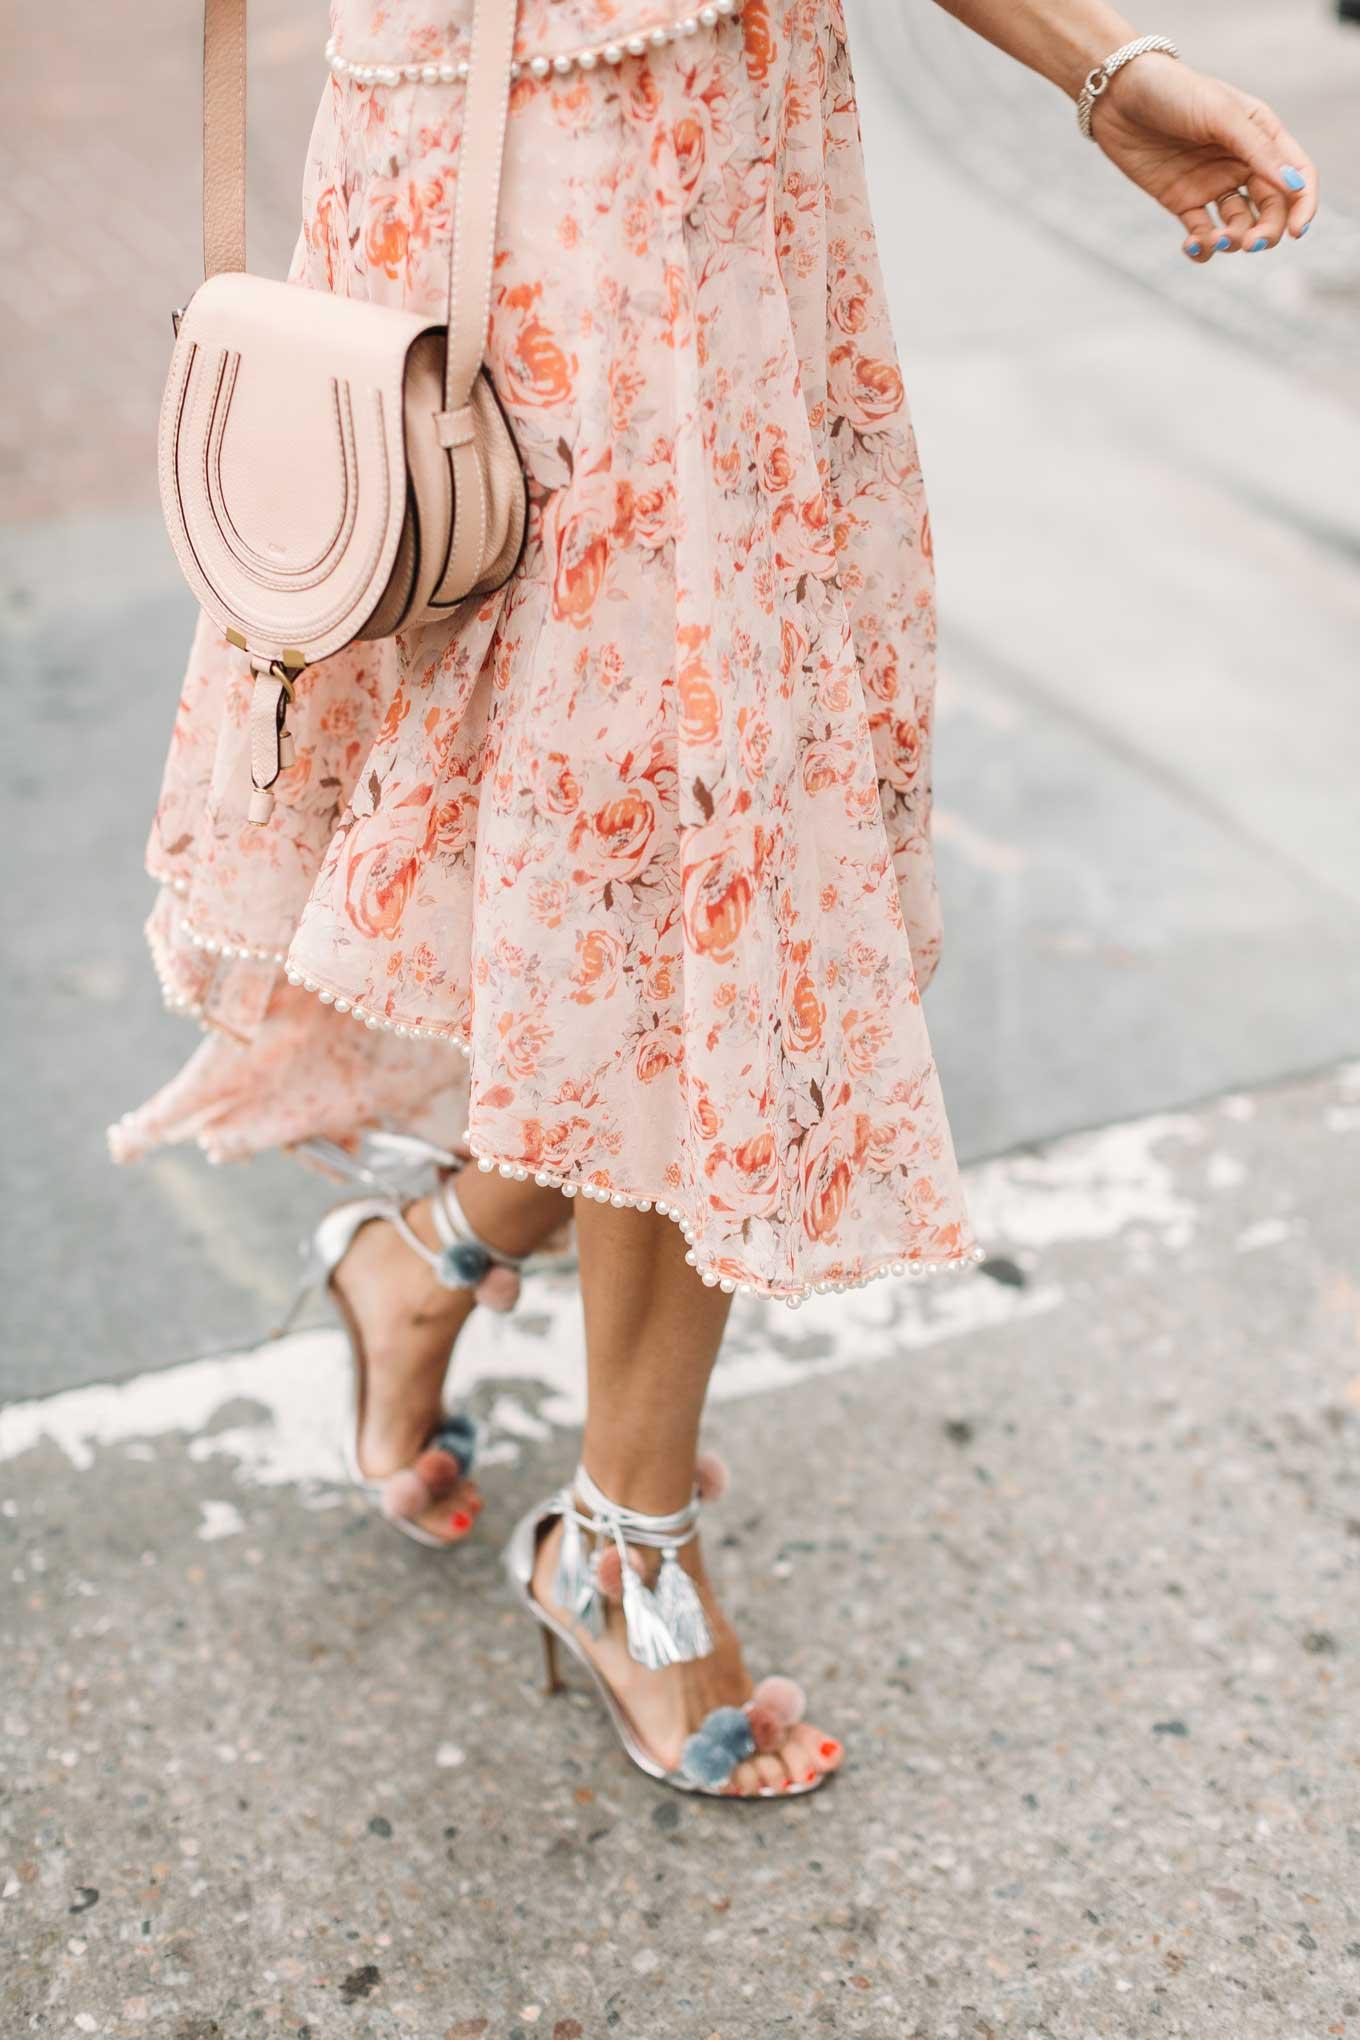 spring sandals